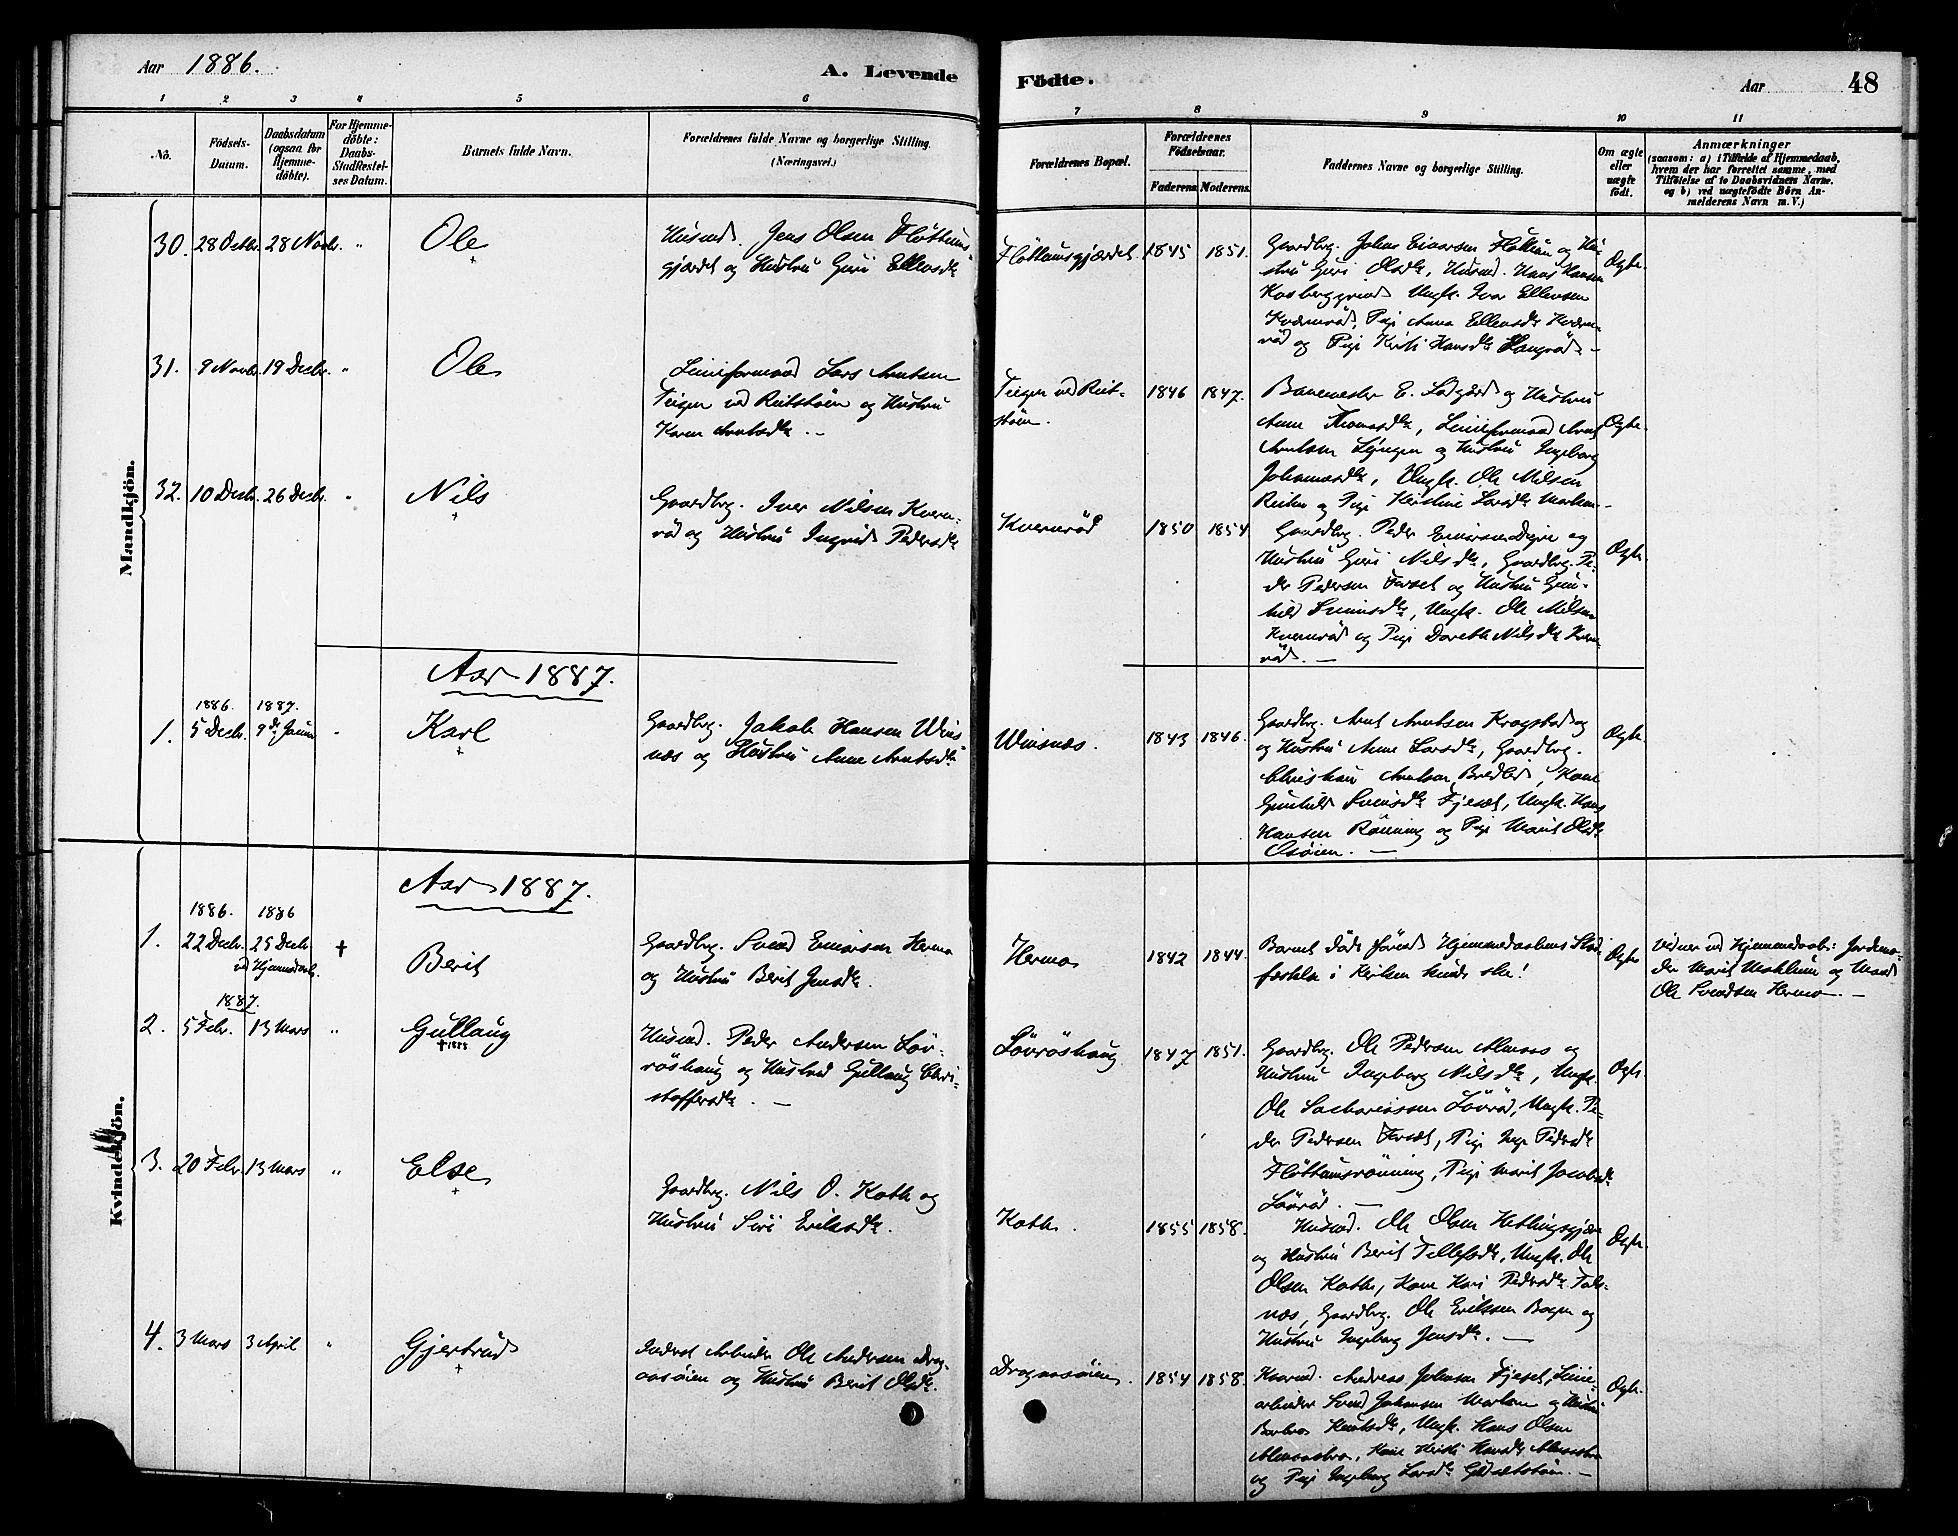 SAT, Ministerialprotokoller, klokkerbøker og fødselsregistre - Sør-Trøndelag, 688/L1024: Ministerialbok nr. 688A01, 1879-1890, s. 48